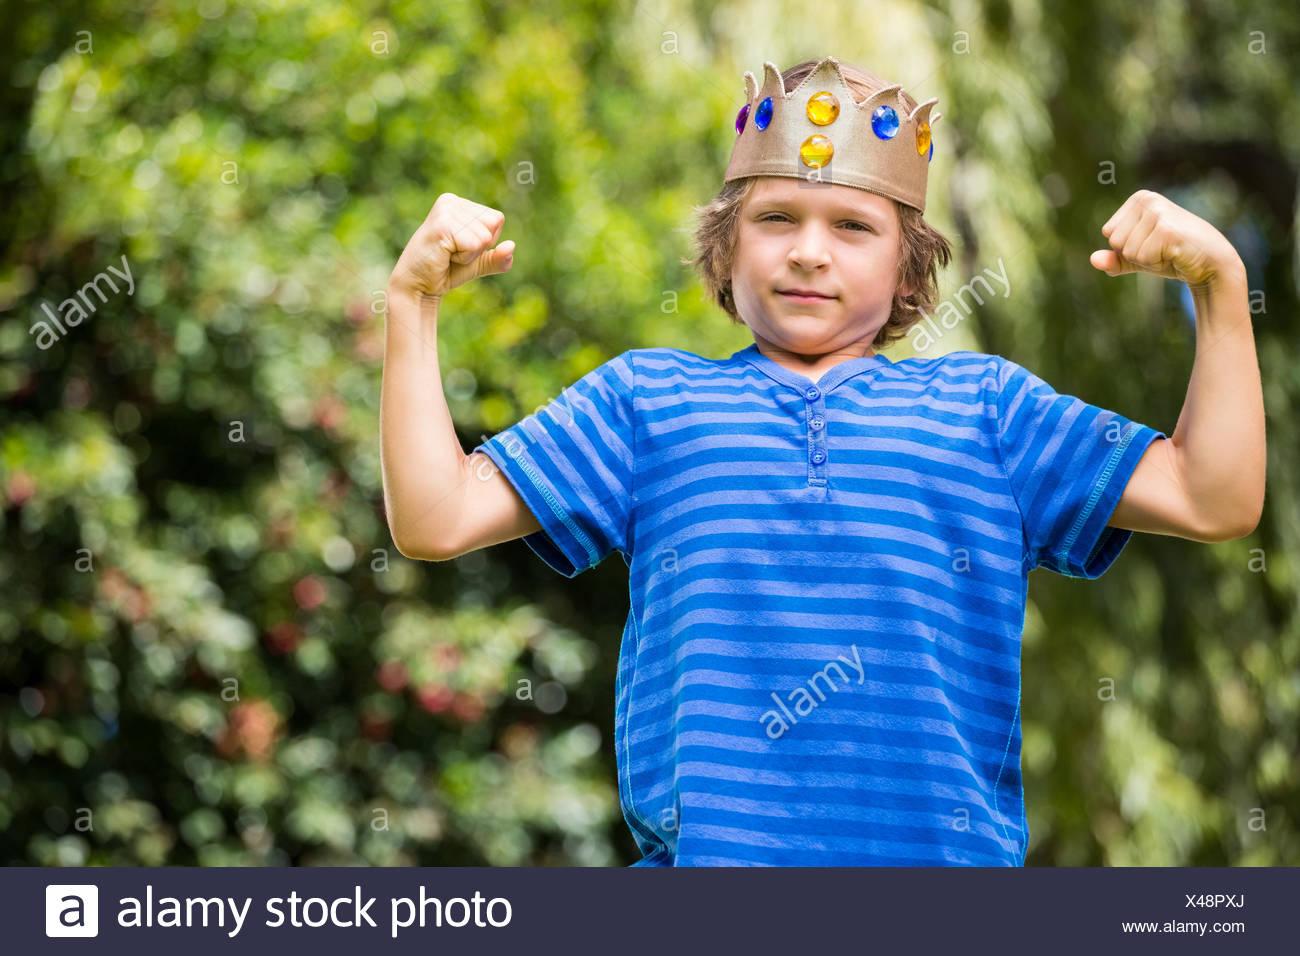 Carino ragazzo con una corona che mostra i suoi muscoli Immagini Stock